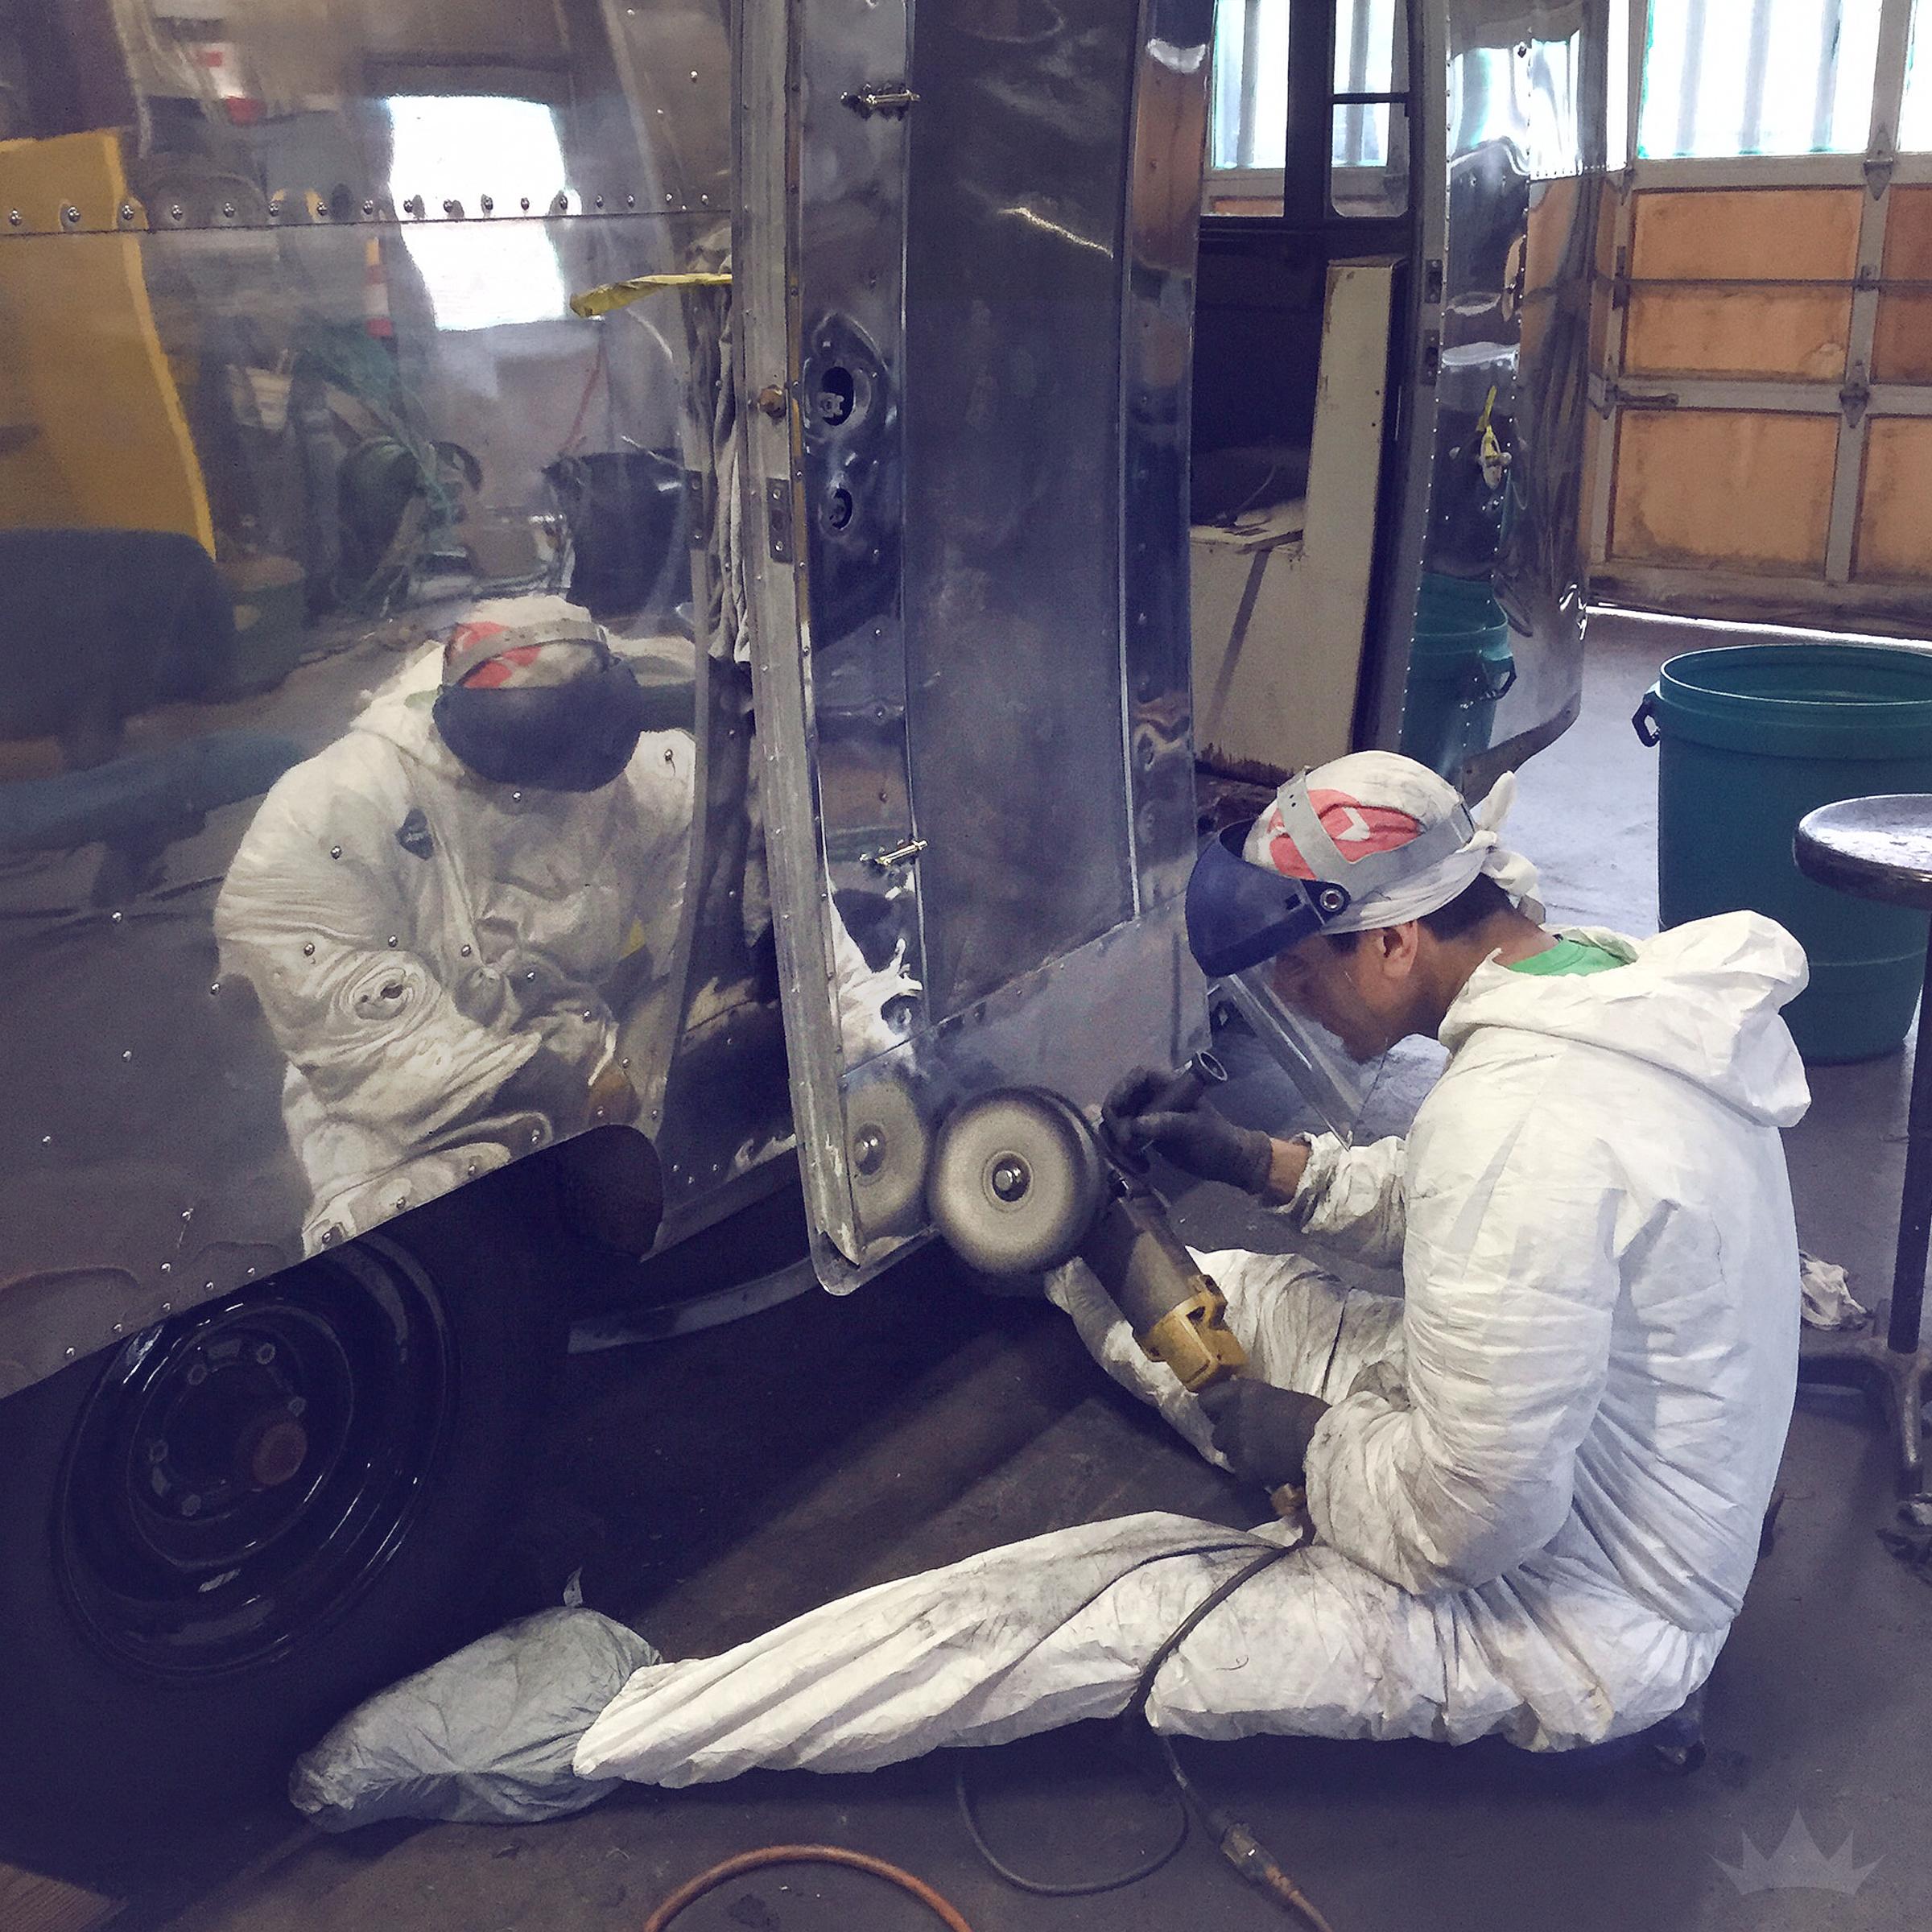 Polishing.. polishing.. still polishing..